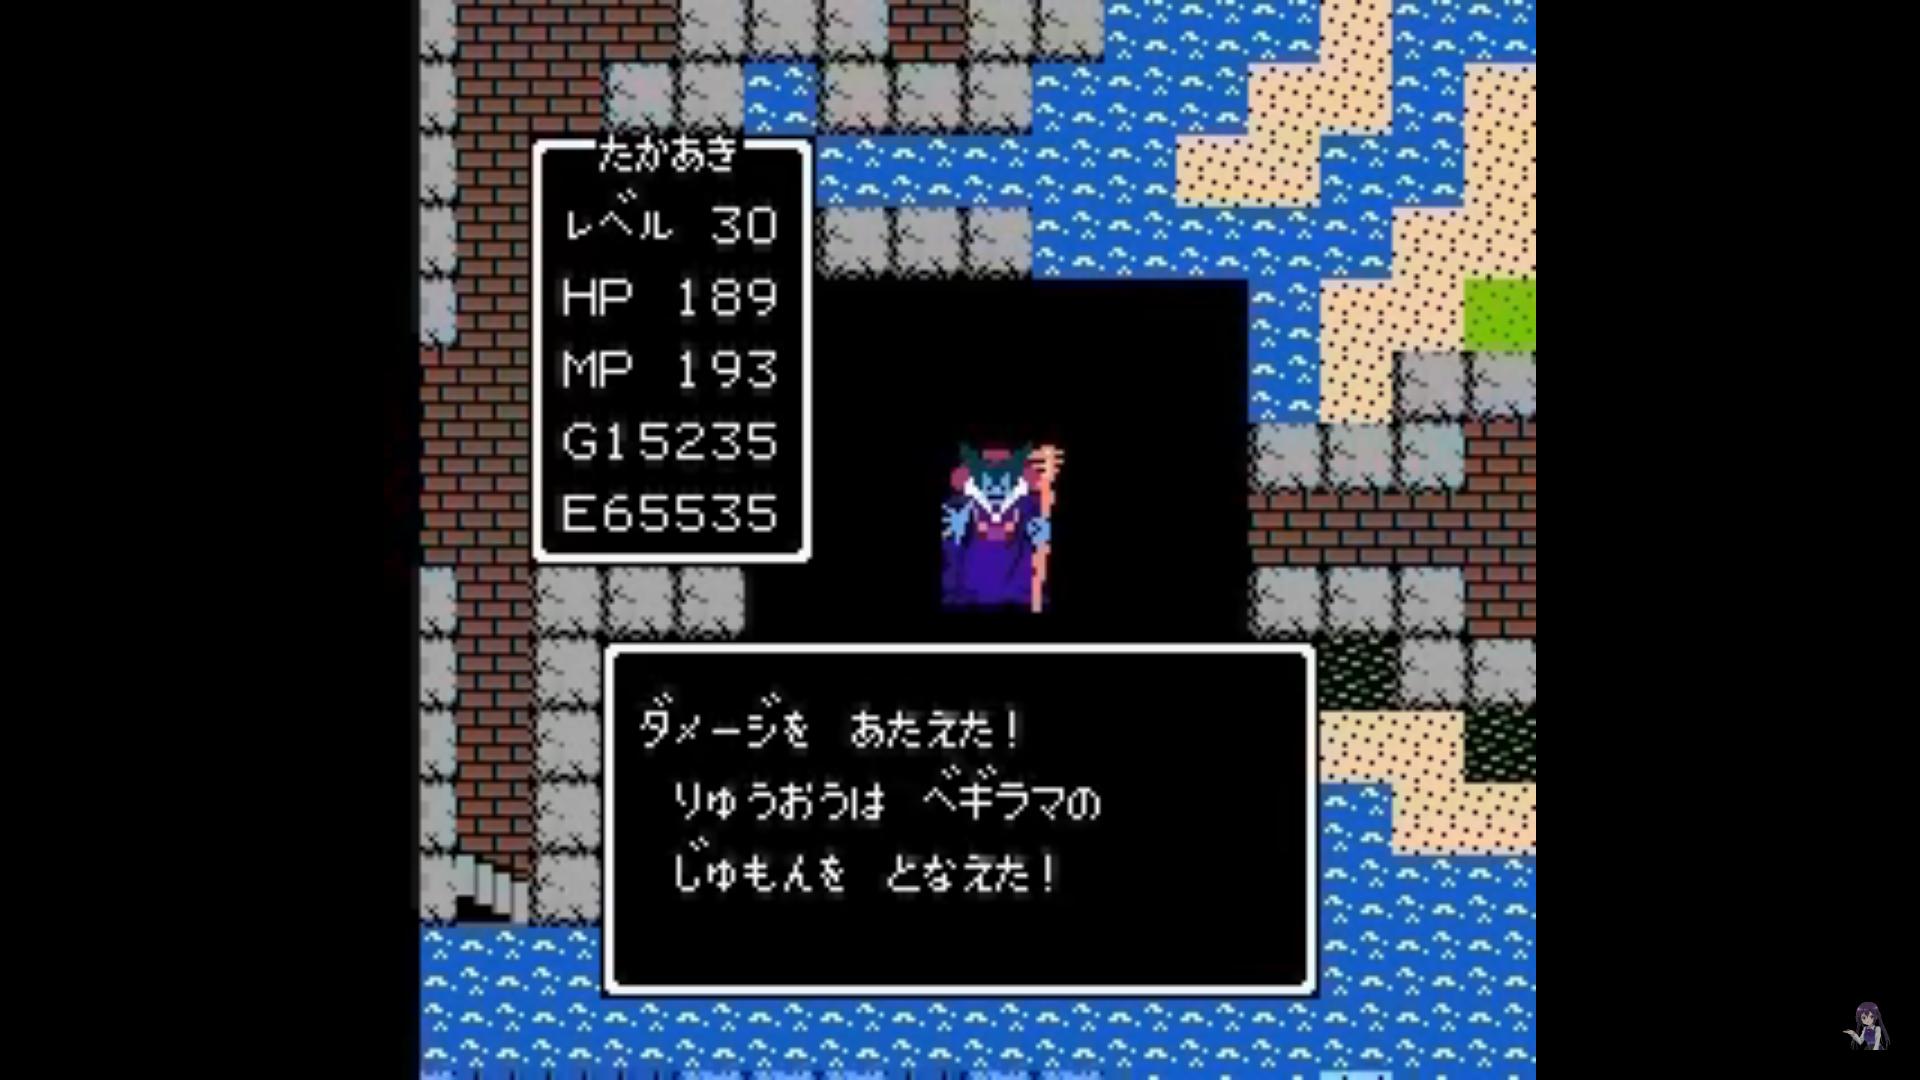 dragon-quest-01-image